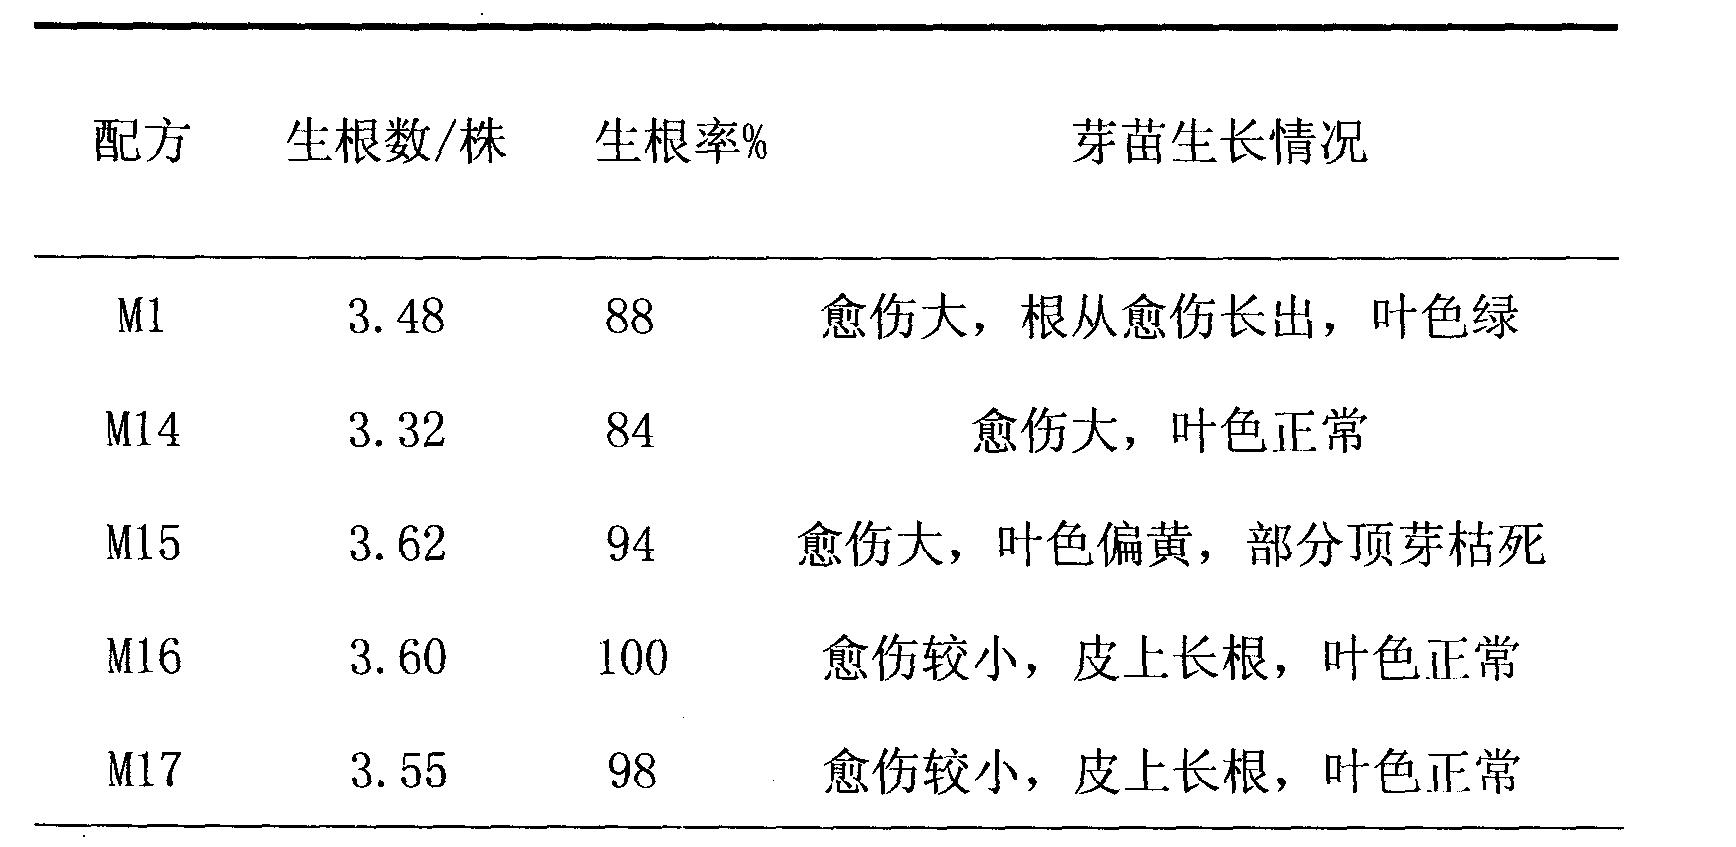 乐谱 曲谱 1736_847